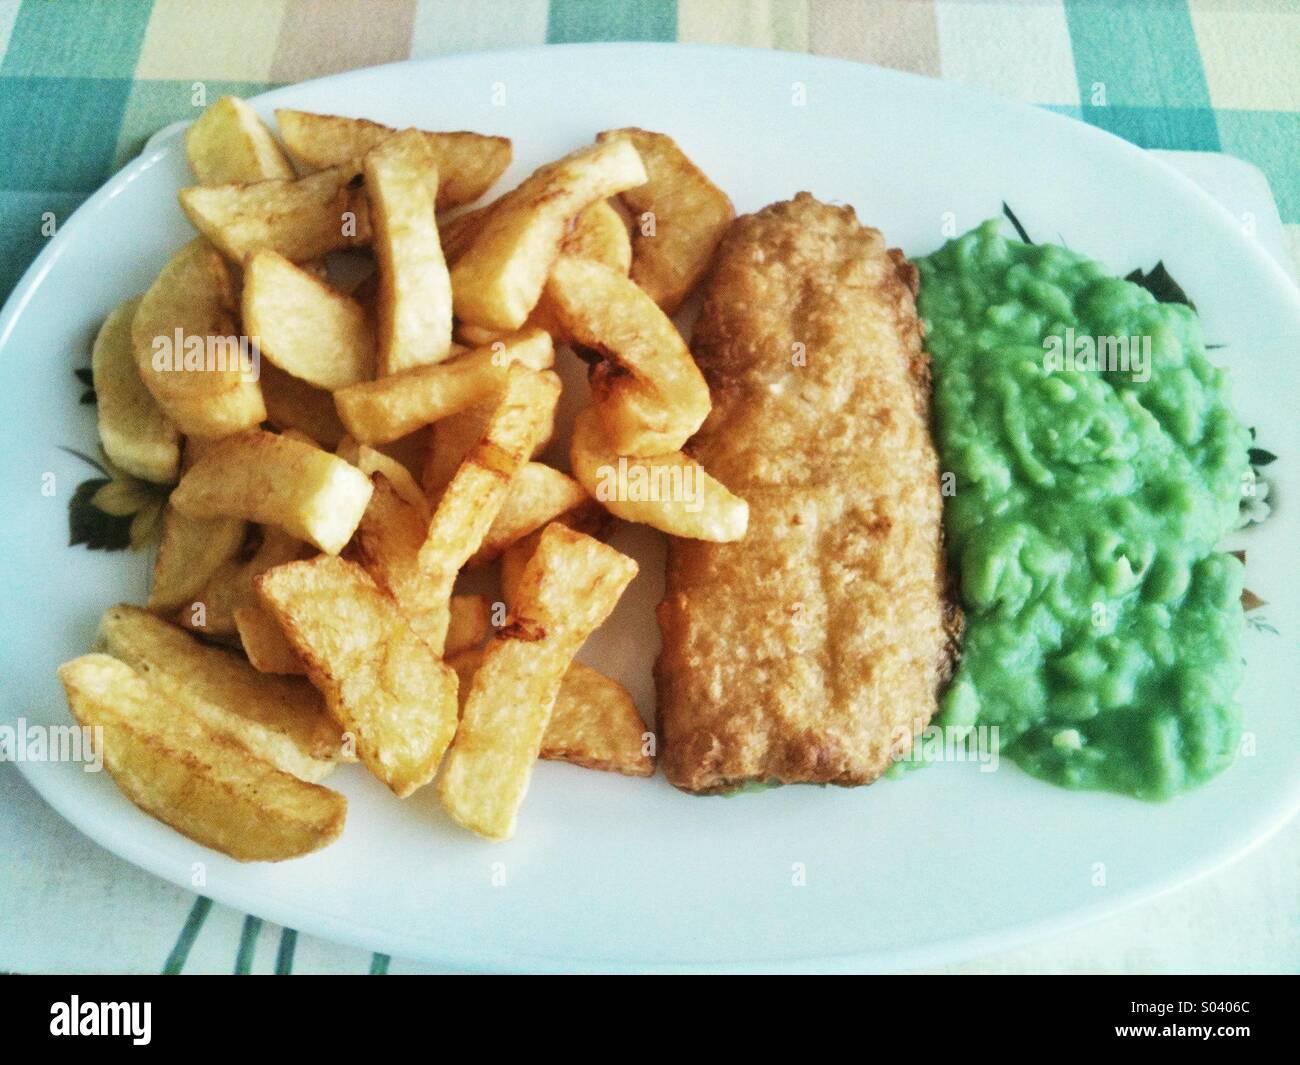 Poisson, frites et petits pois Photo Stock